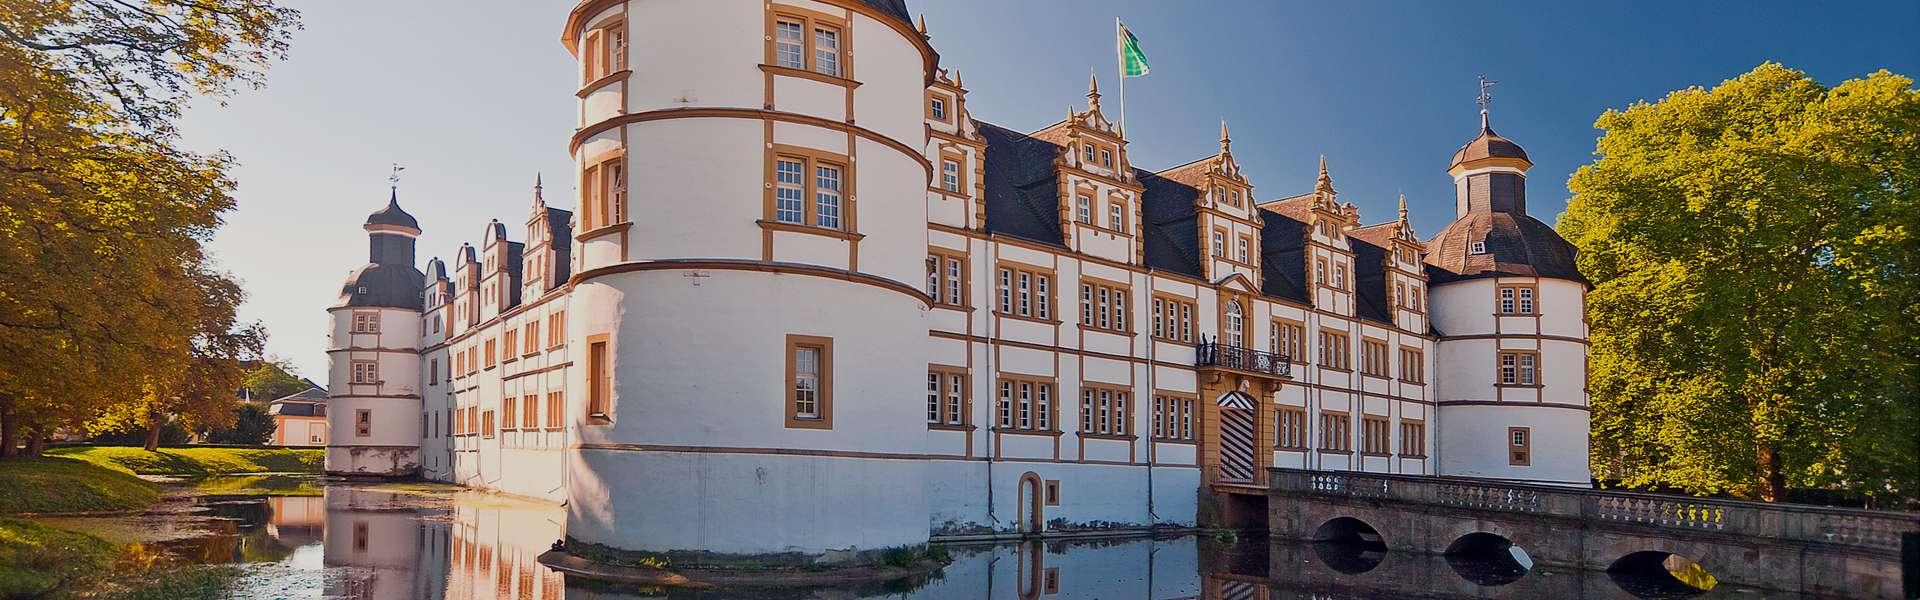 Das Umzugsunternehmen CNolte für Umzüge in, von oder nach Paderborn